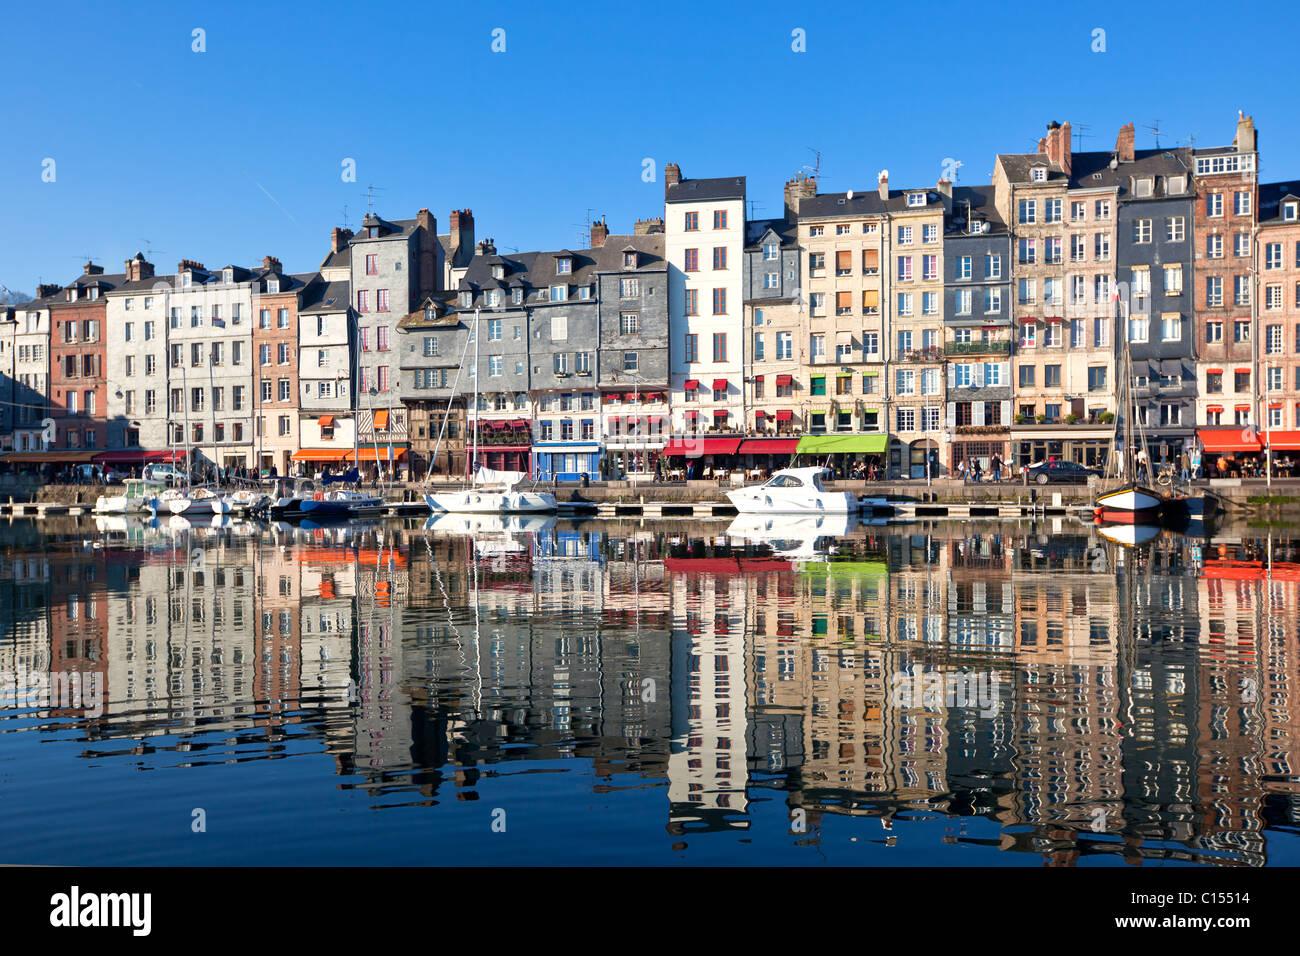 Porto di Honfleur in Normandia, Francia. Case di colore e il loro riflesso nell'acqua. Un altro Honfleur scatti Immagini Stock